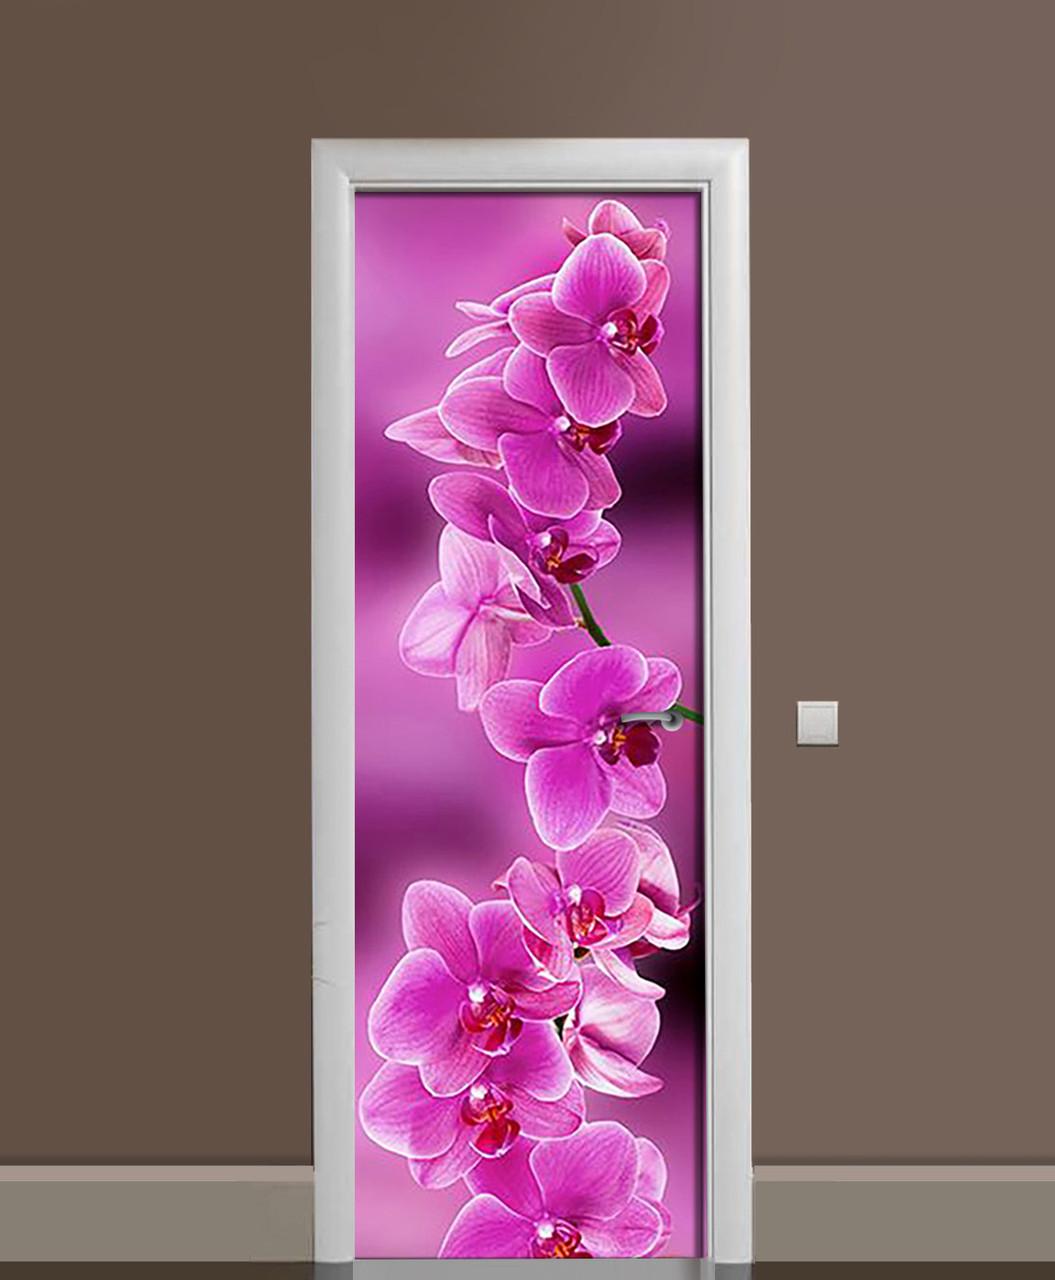 Виниловая наклейка на двери Ветка розовых Орхидей (самоклеющаяся ламинированная пленка ПВХ) цветы орхидеи 650*2000 мм